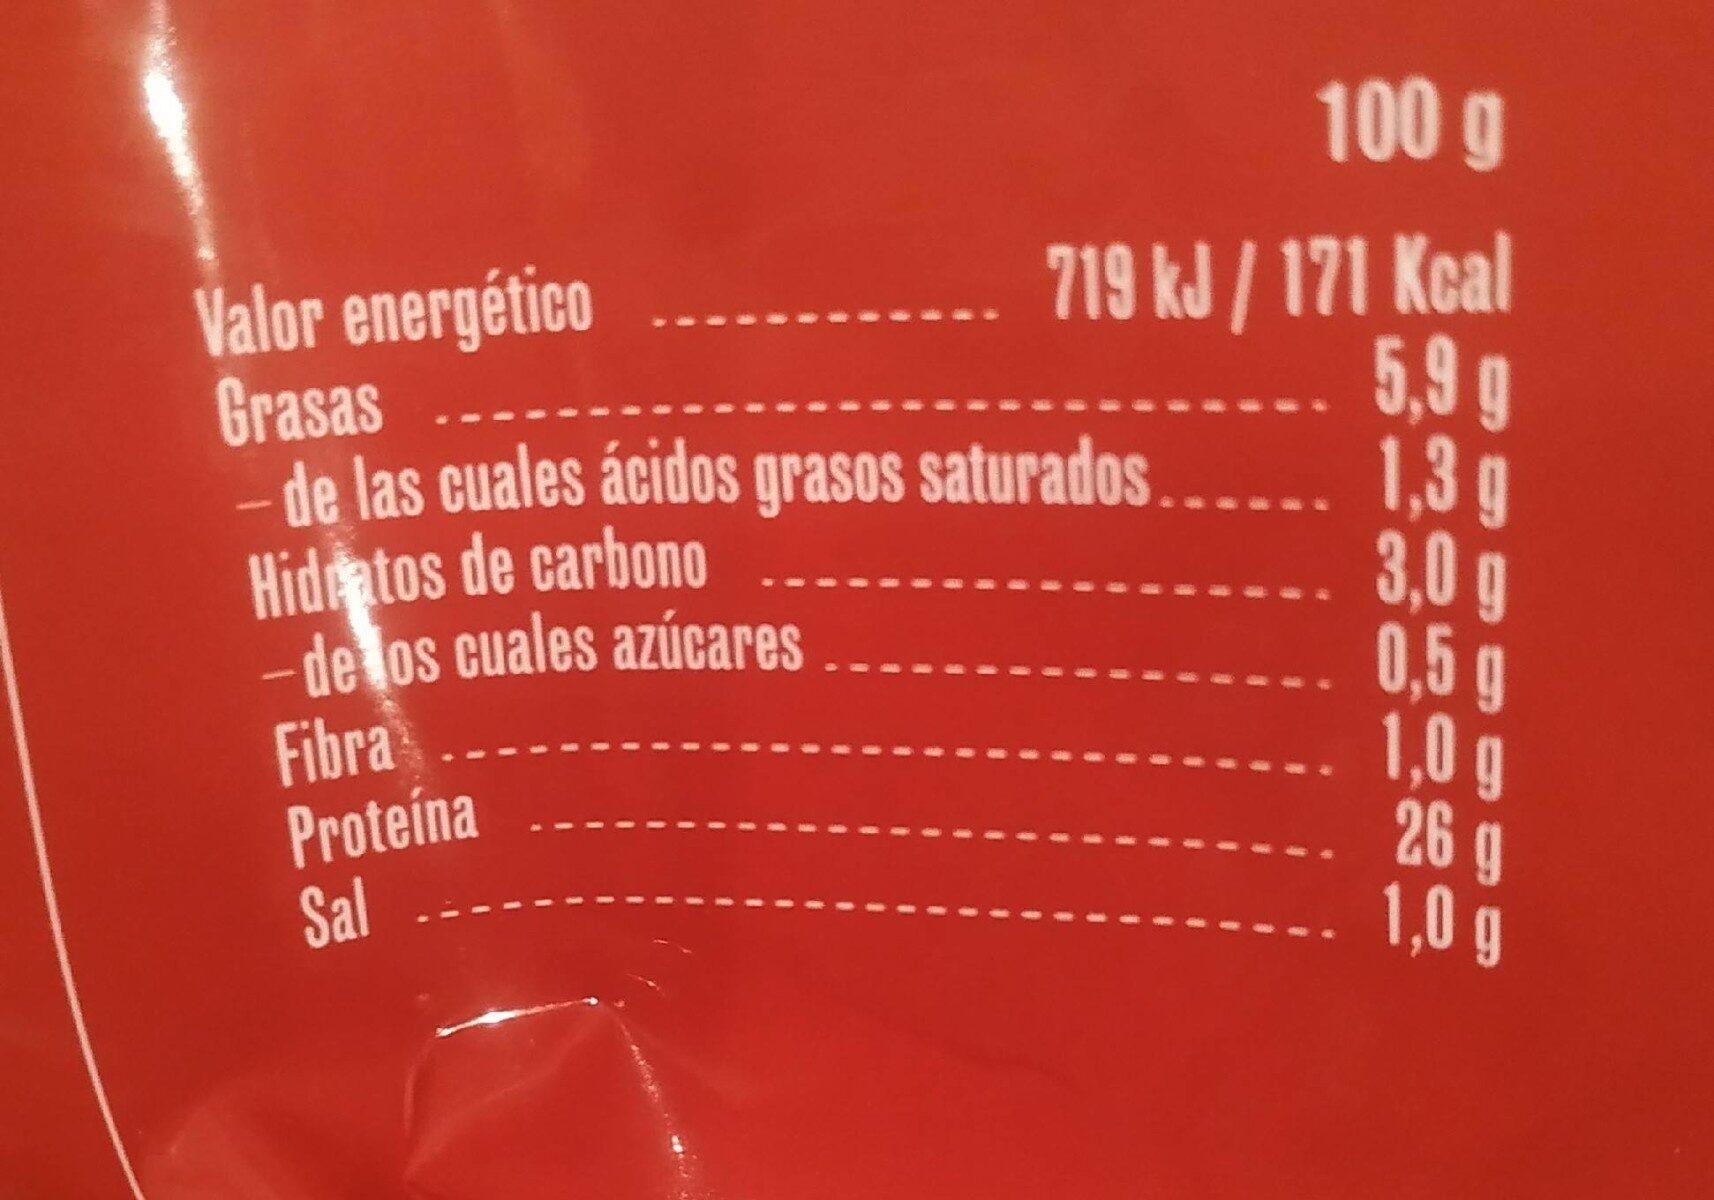 Pollo asado troceado - Nutrition facts